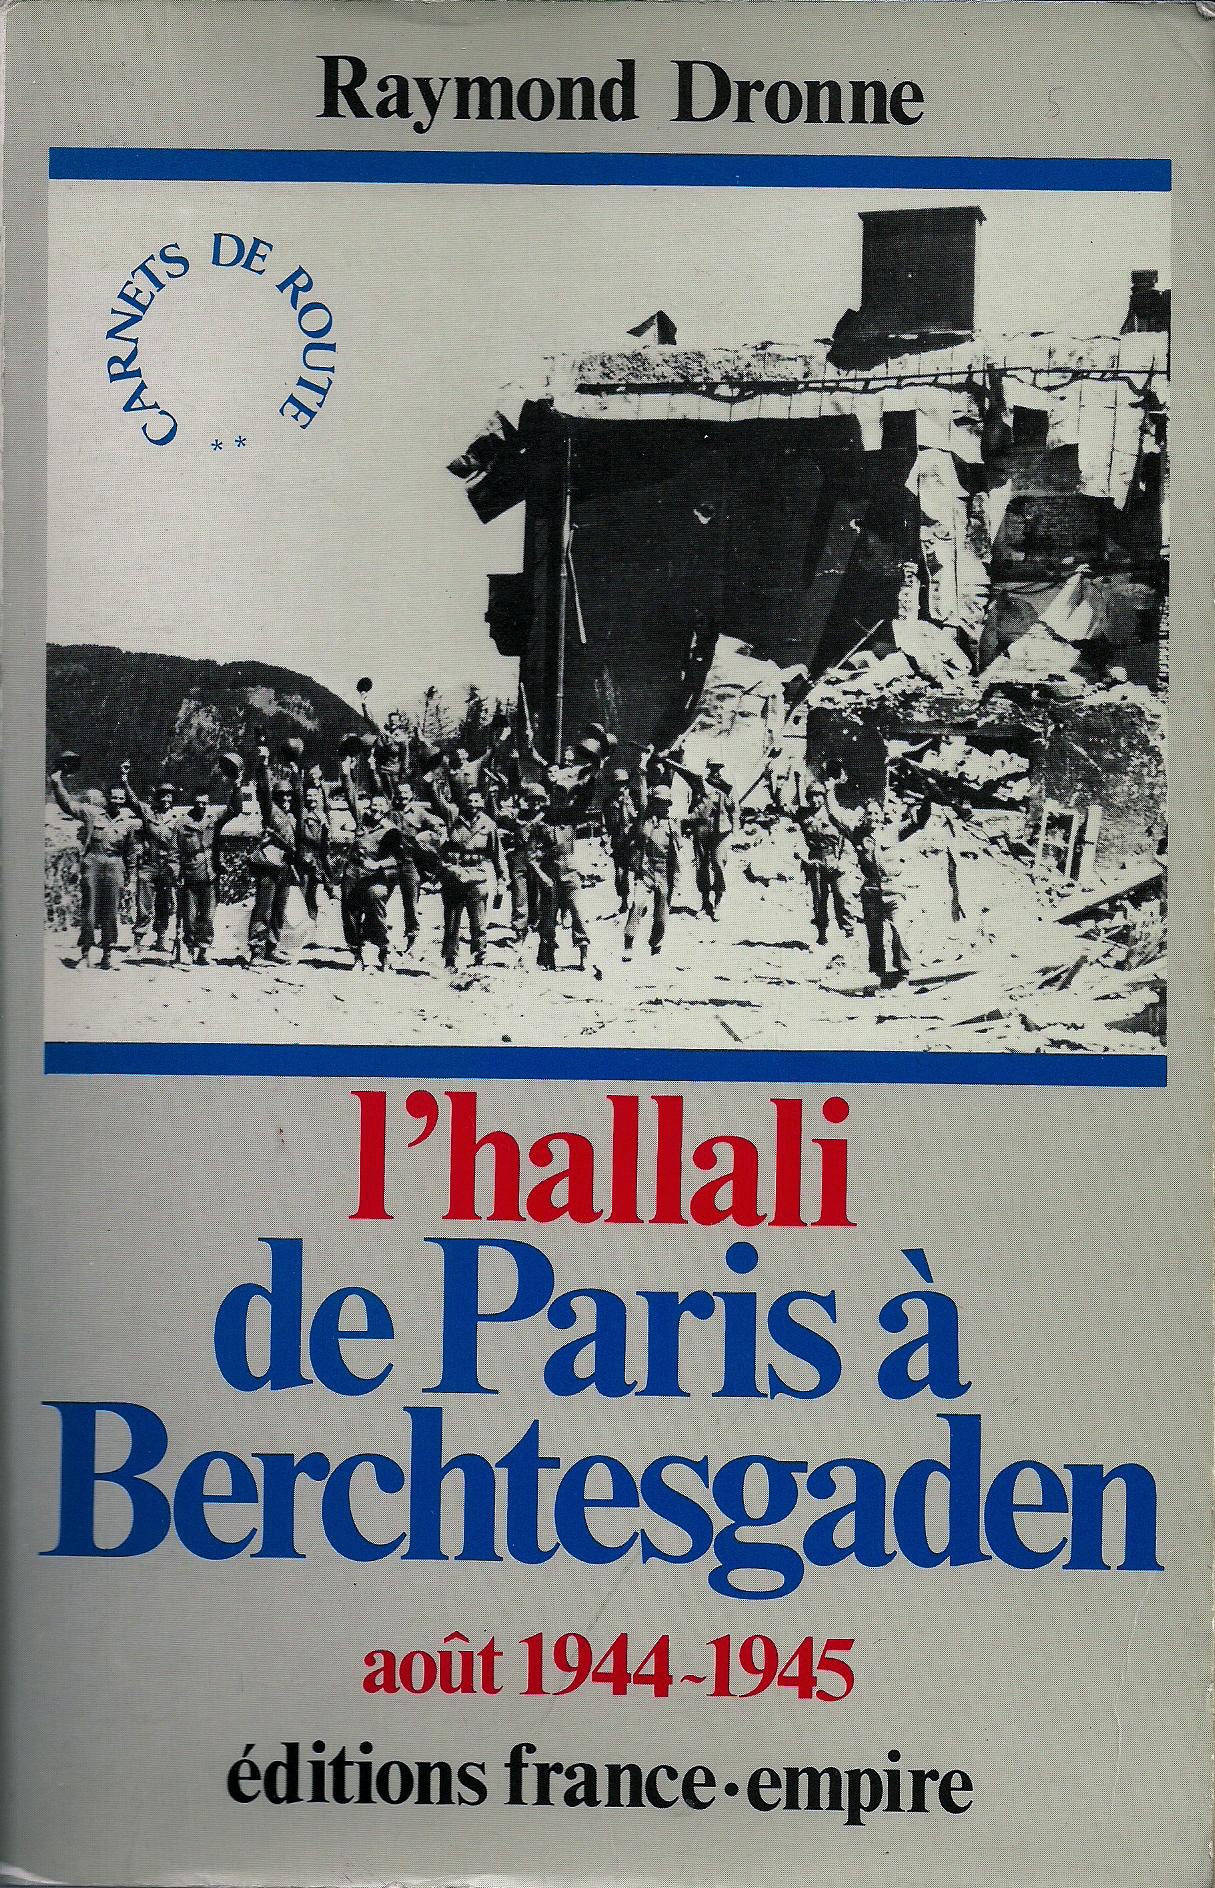 La découverte du camp de Dachau par des hommes de la 2e DB